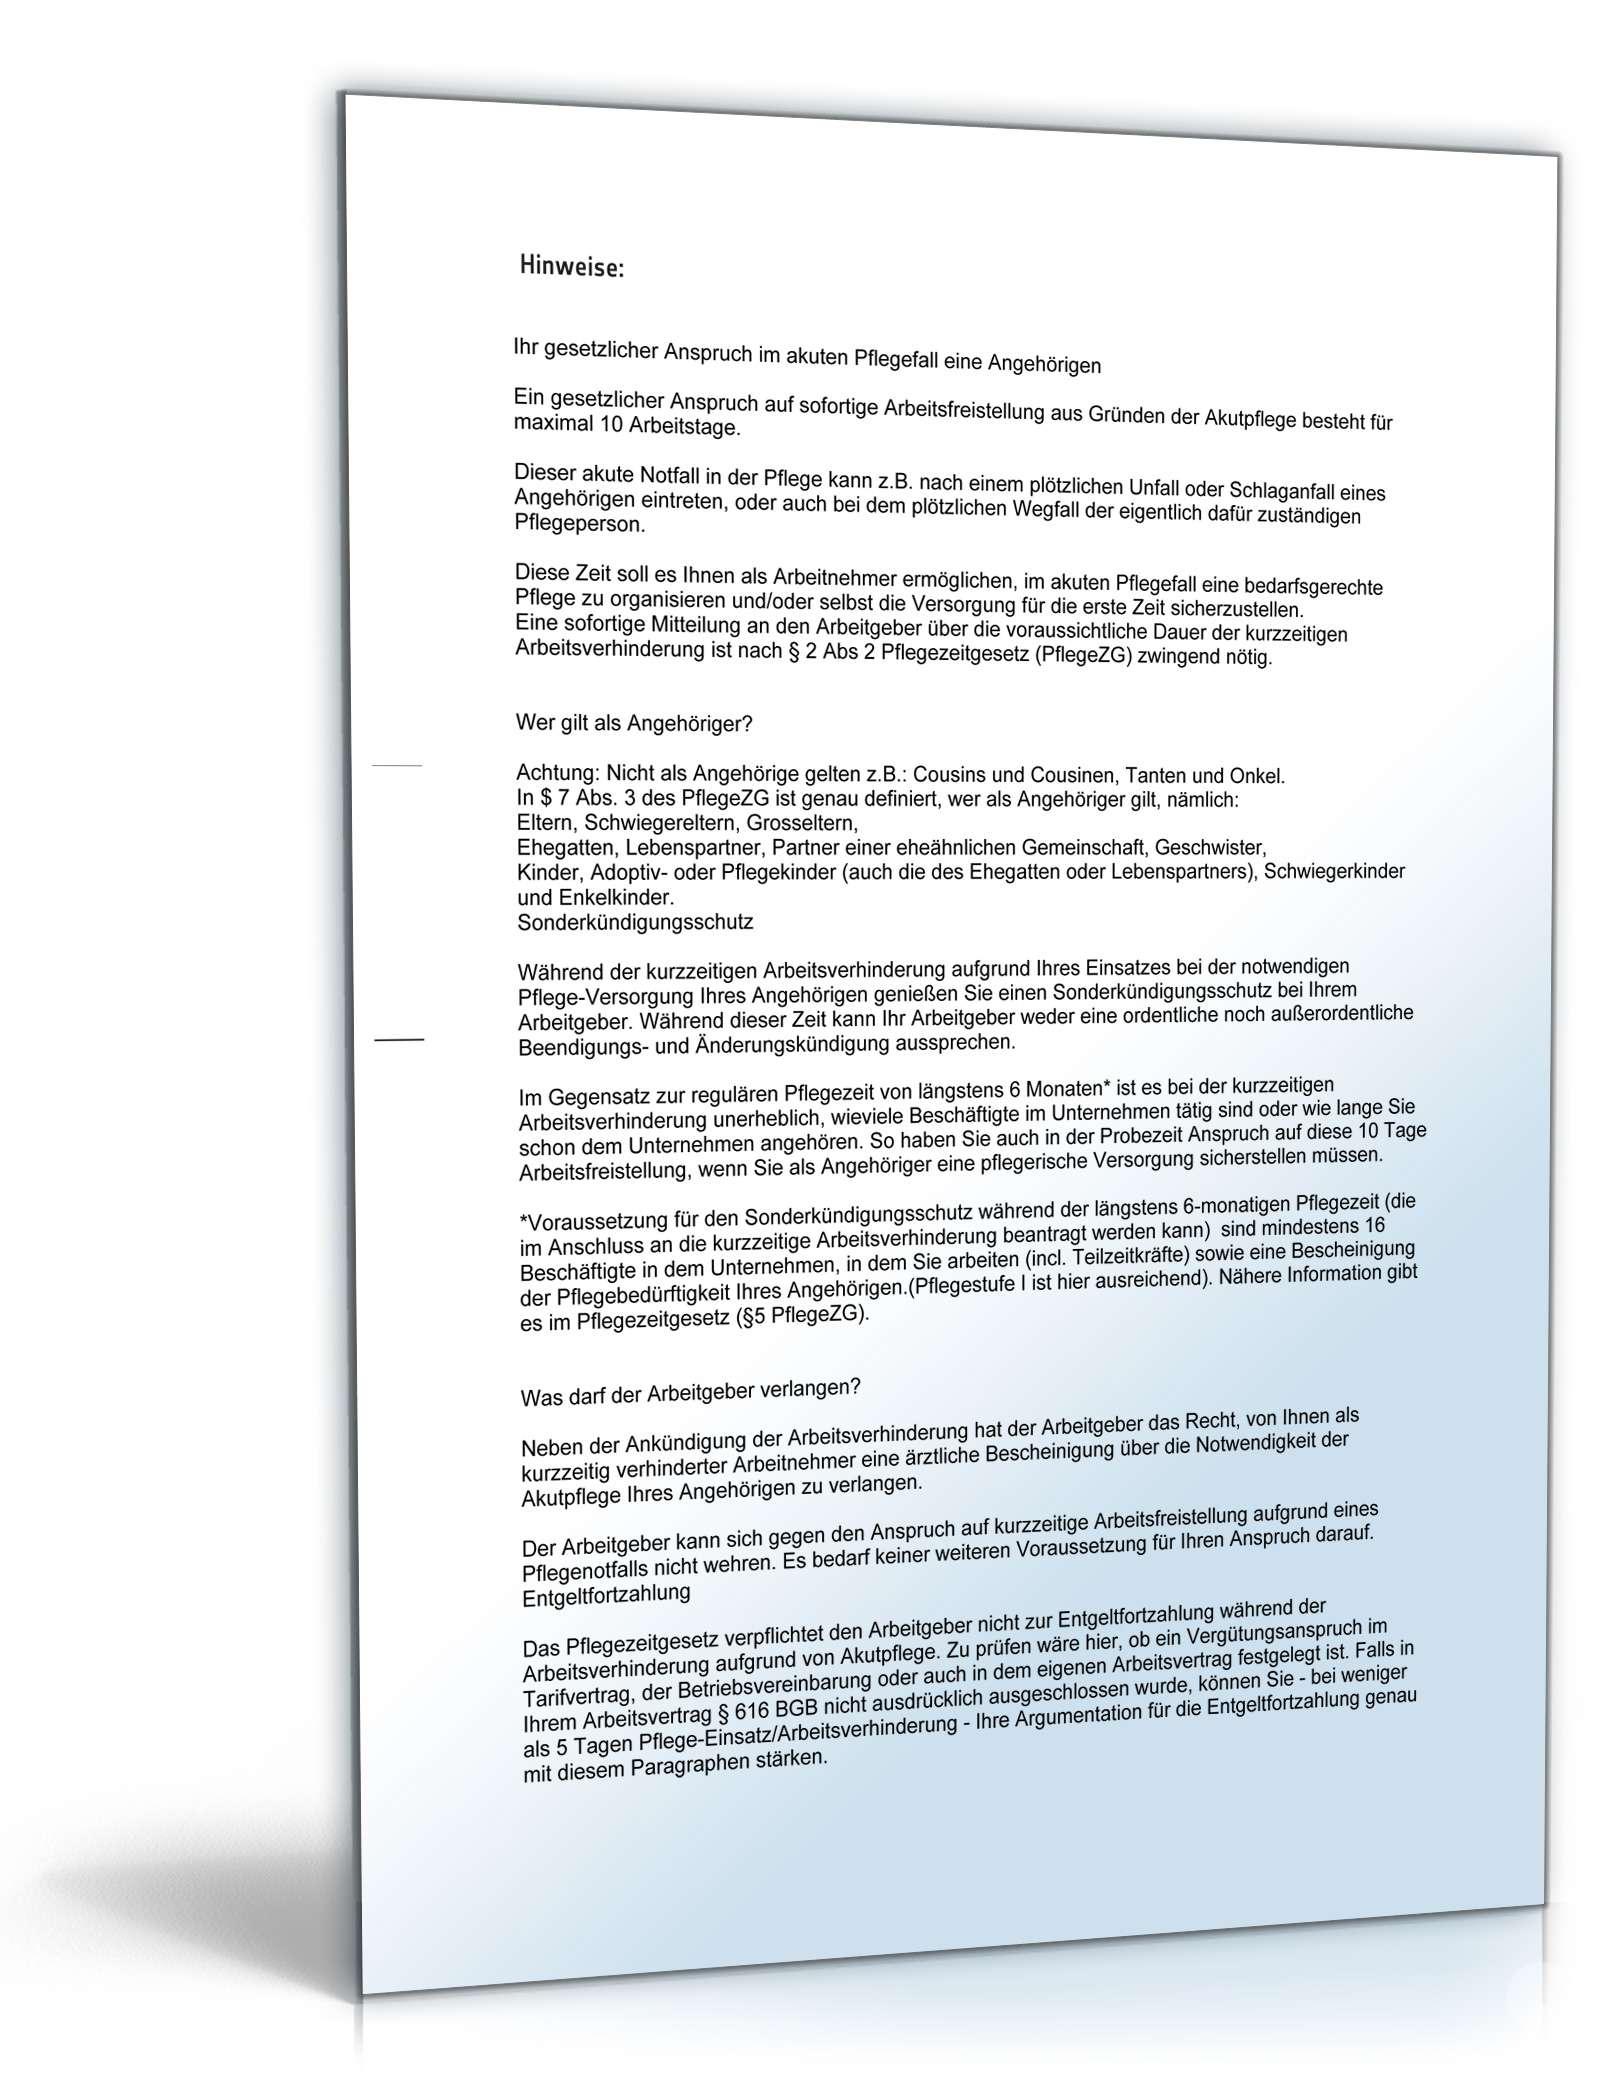 Anzeige Arbeitsverhinderung Pflegezeit Muster Zum Download